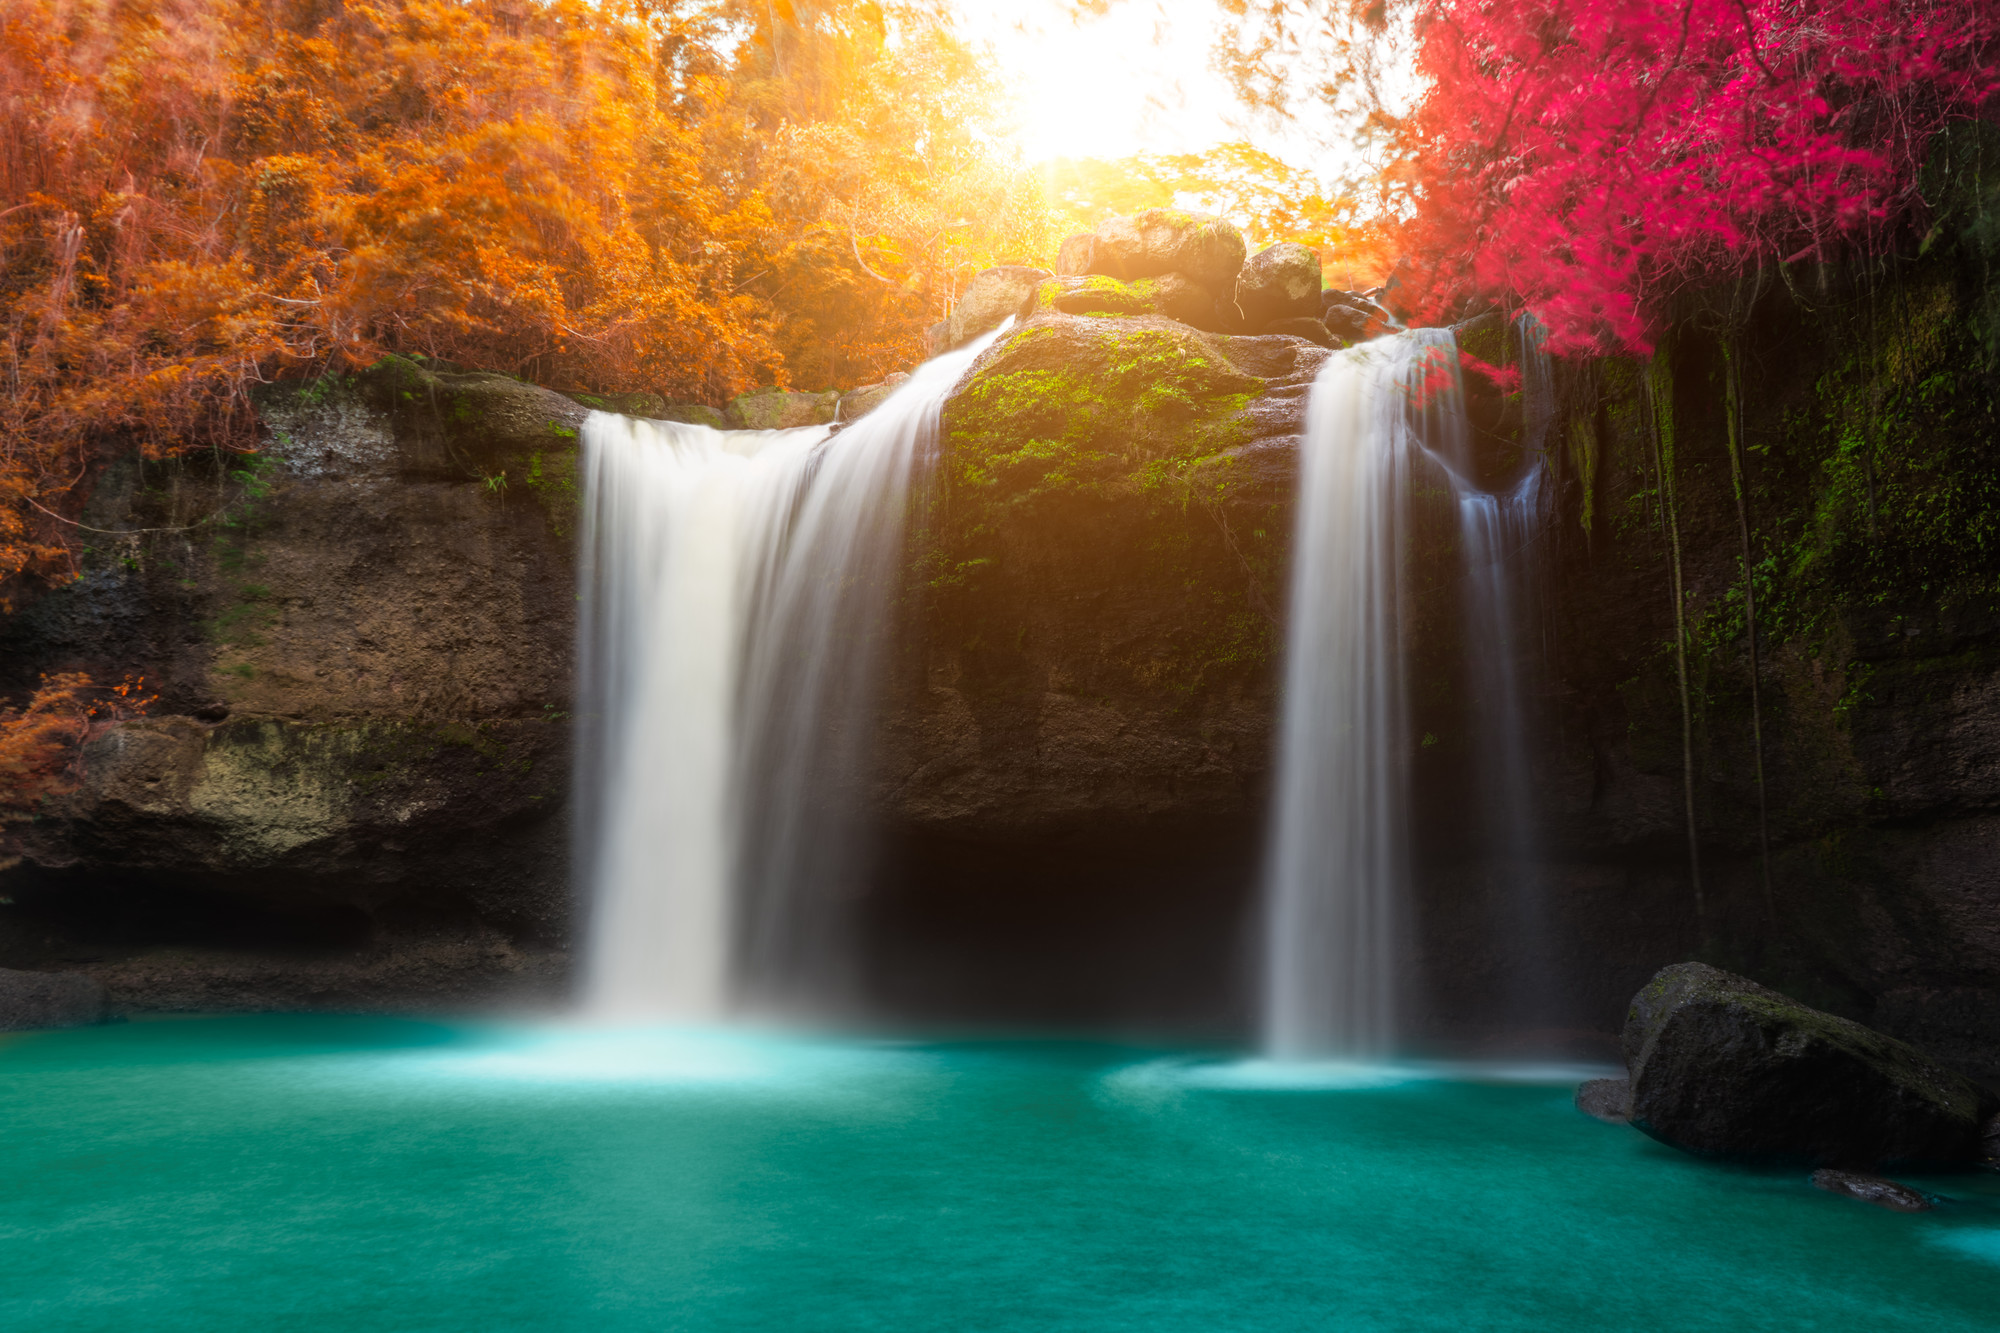 Hình ảnh thác nước đẹp và hấp dẫn